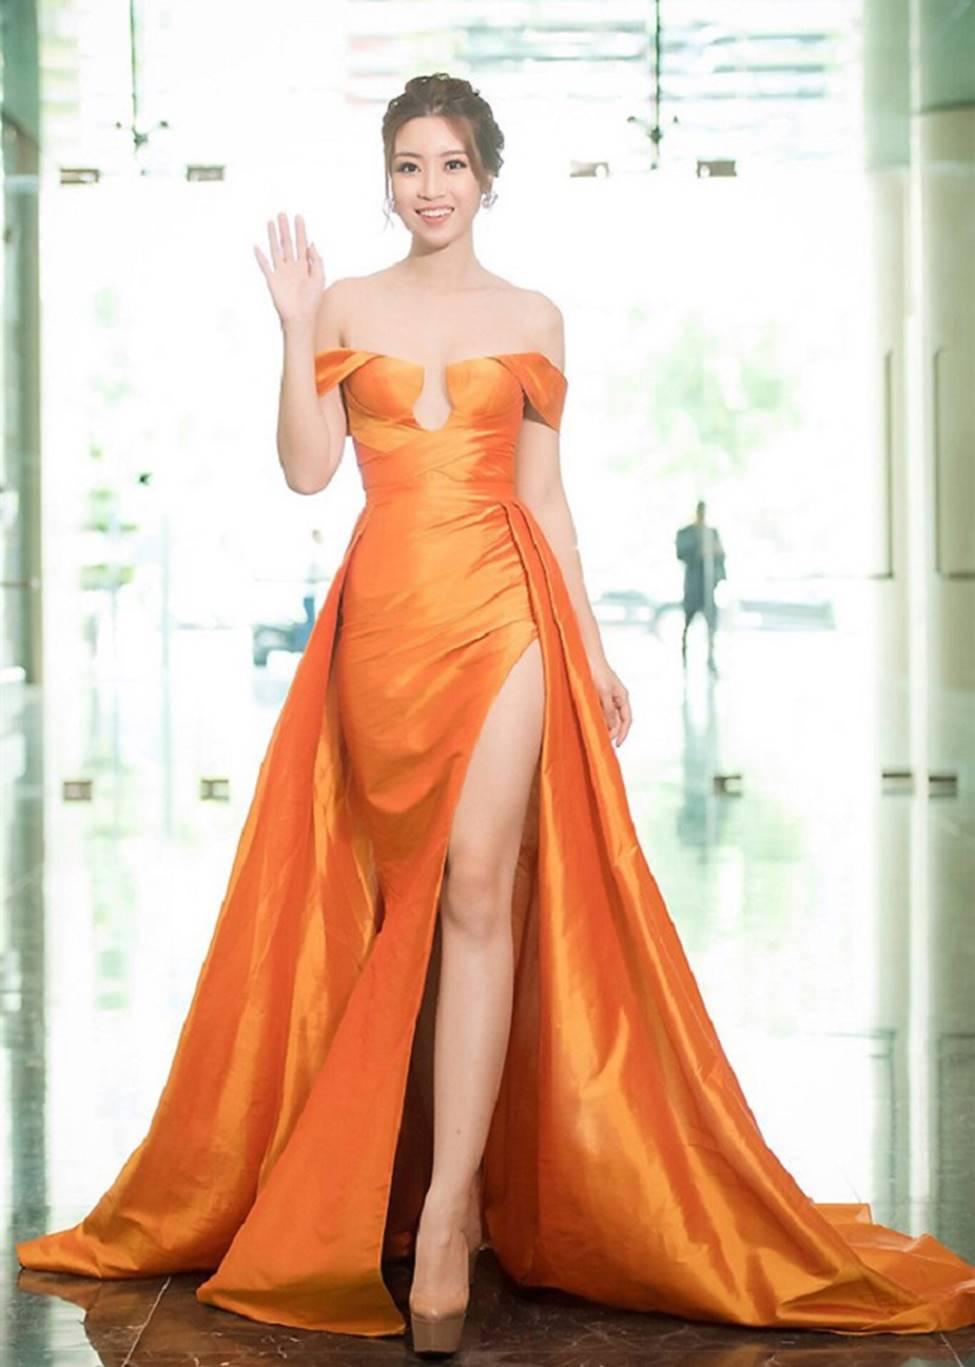 Mai Phương Thúy, Phi Thanh Vân lộ mỡ vì quần áo gợi cảm nhưng phản chủ-16